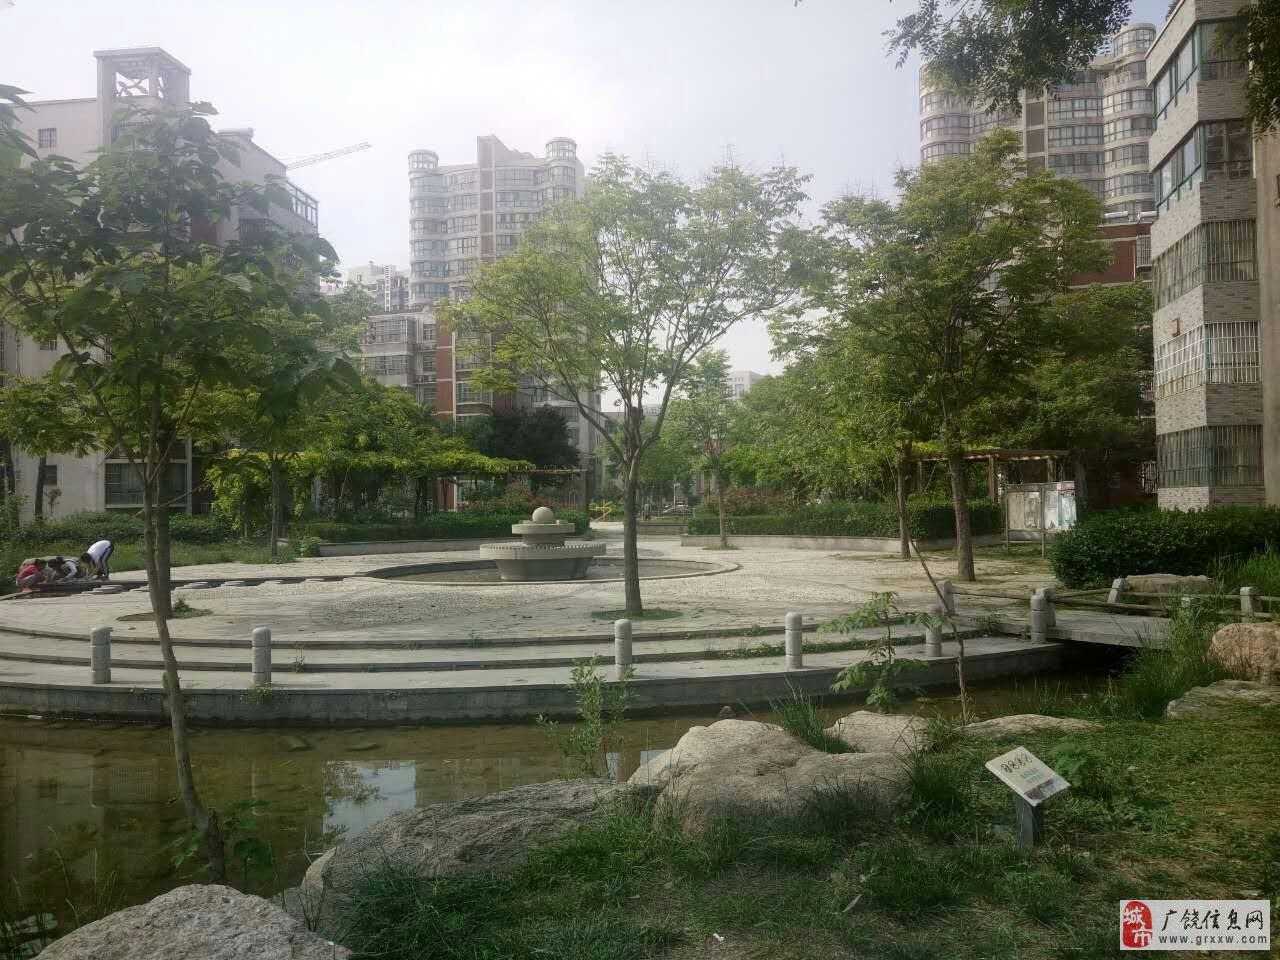 东方丽景低价房5楼105平免税房英才学校